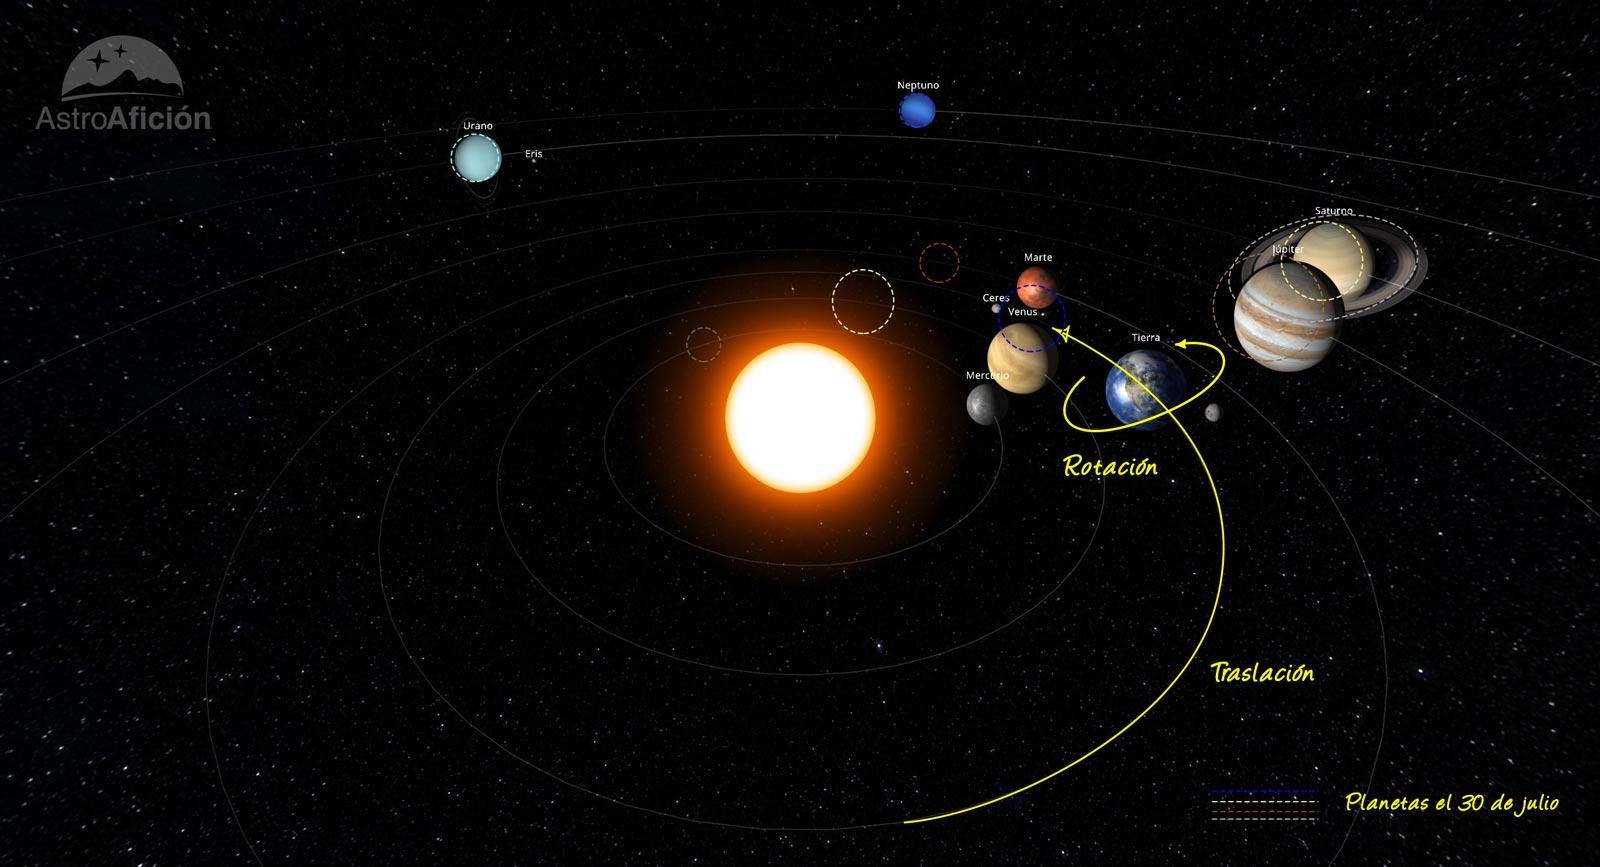 Efemérides astronómicas: Julio 2020